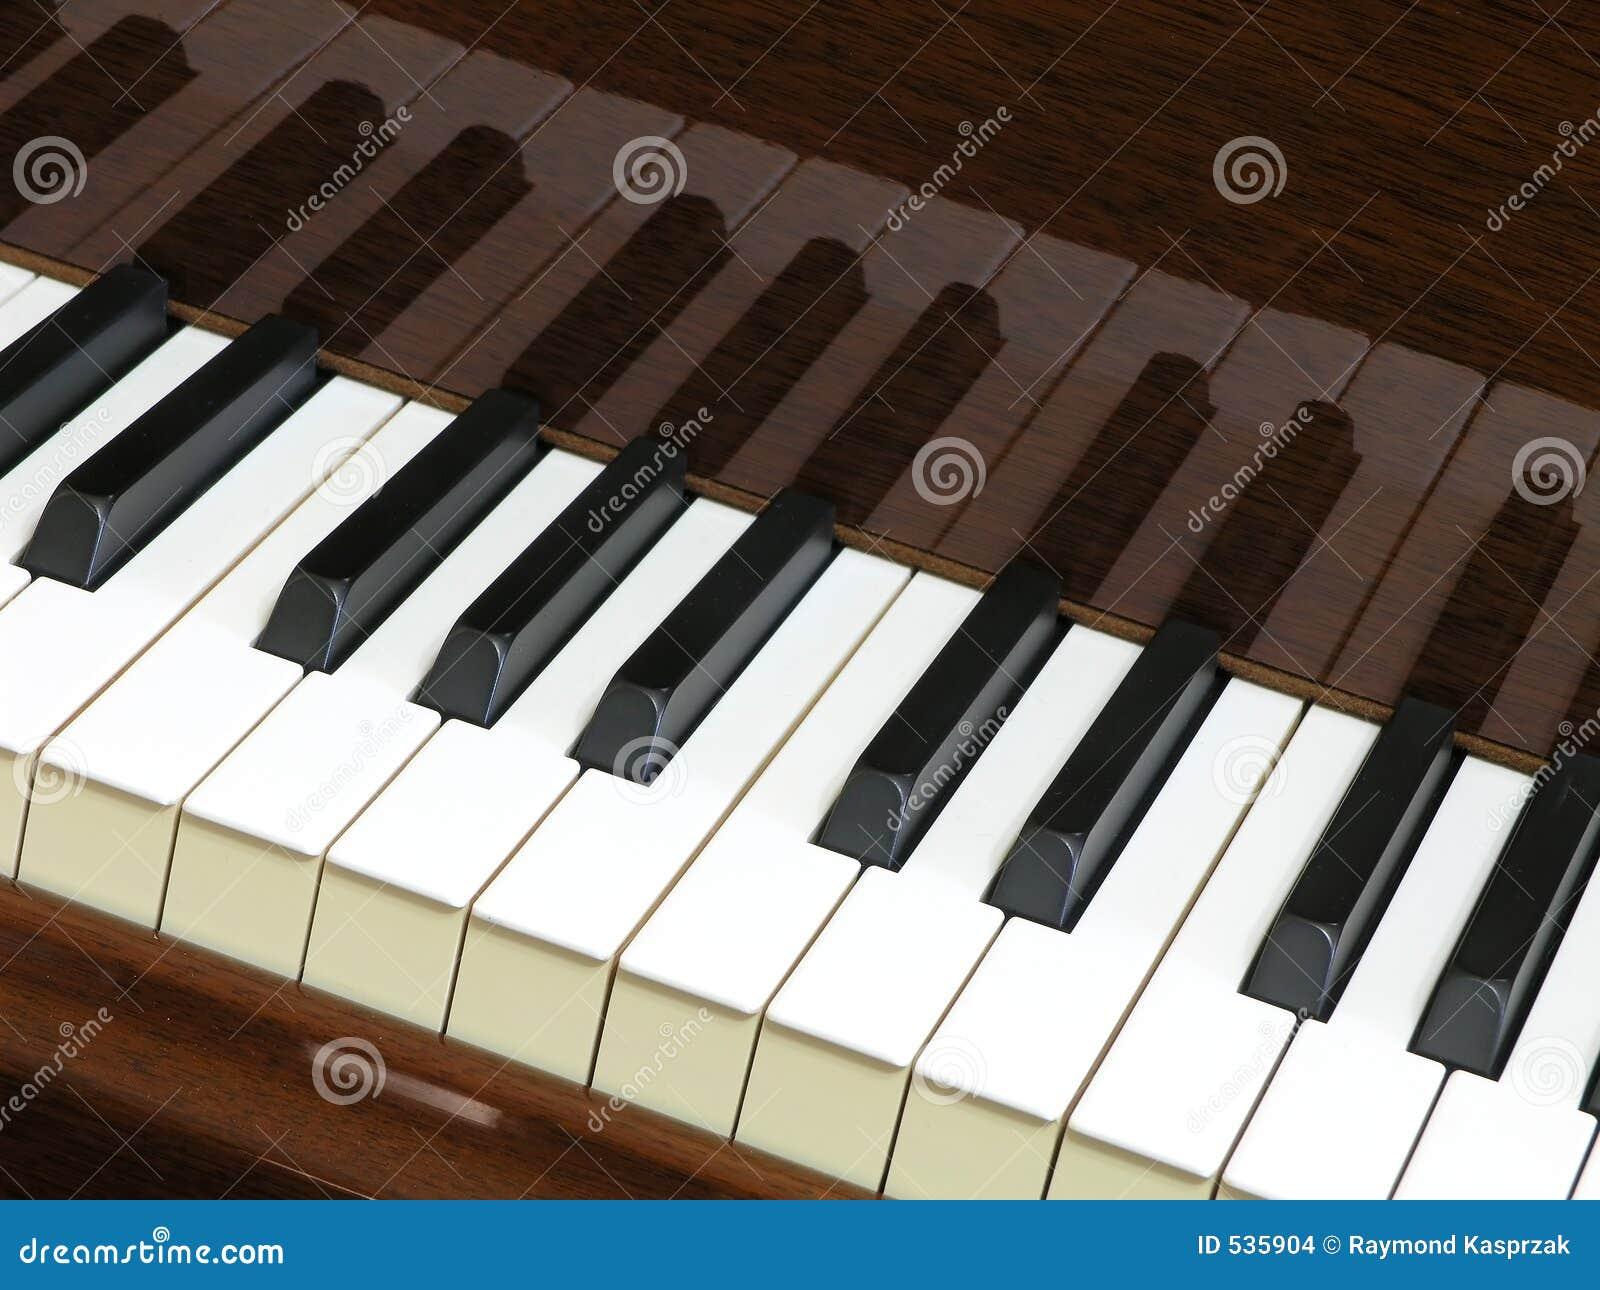 Download 关键董事会反映 库存照片. 图片 包括有 钢琴, 仪器, 图象, 空白, 关键董事会, 关键字, 投反对票, 镜子 - 535904